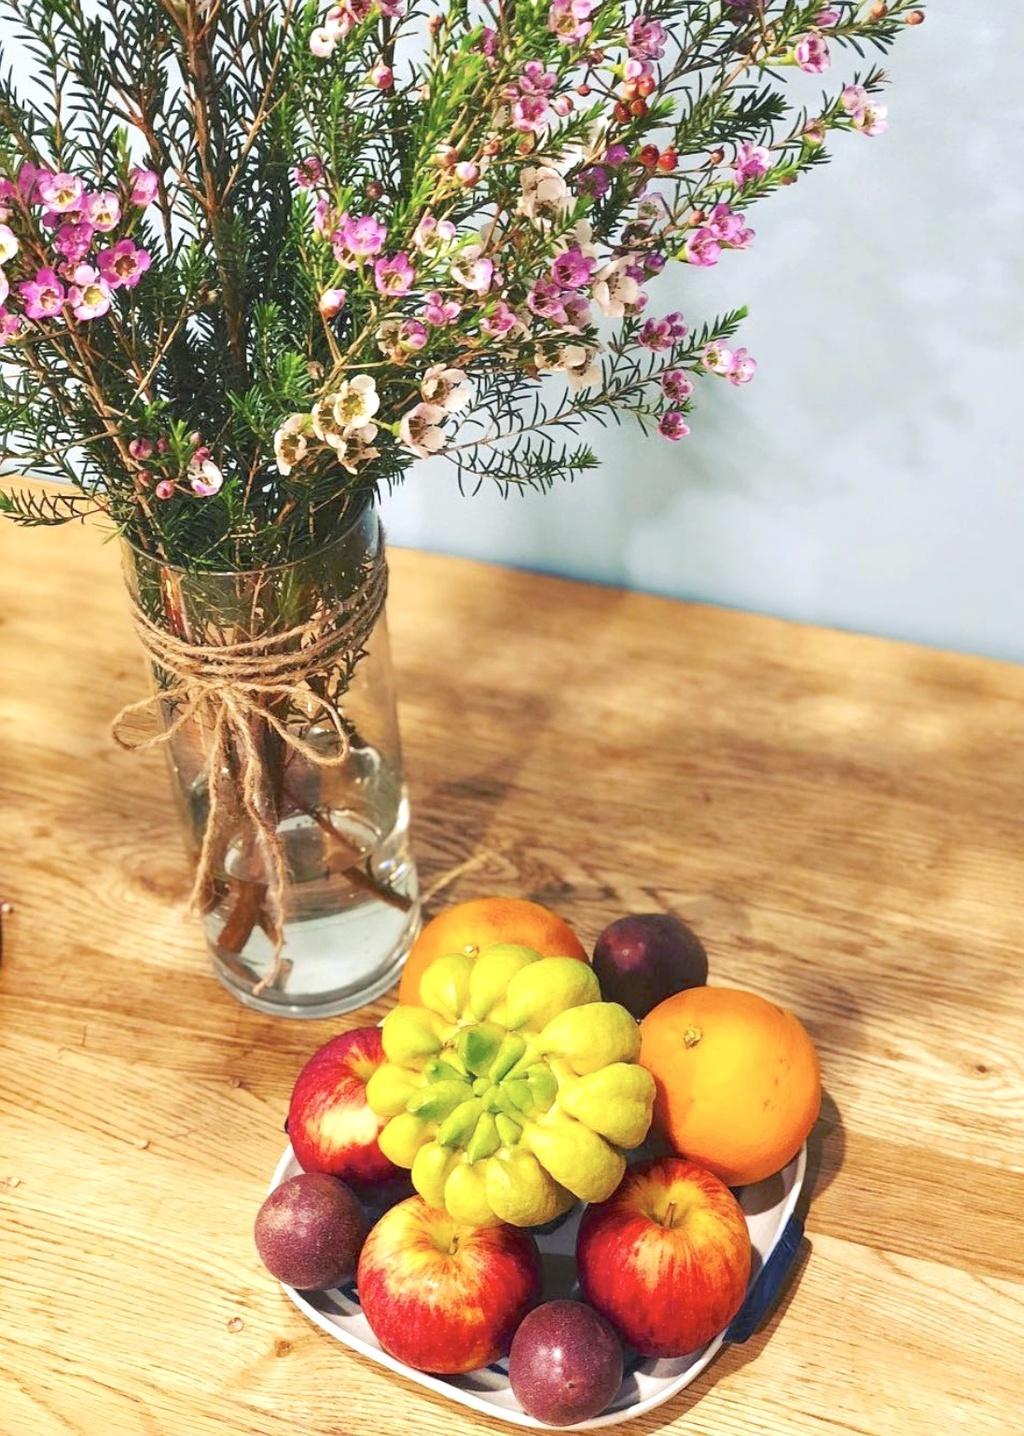 Đặc sản trái cây được người Việt chưng dịp Tết